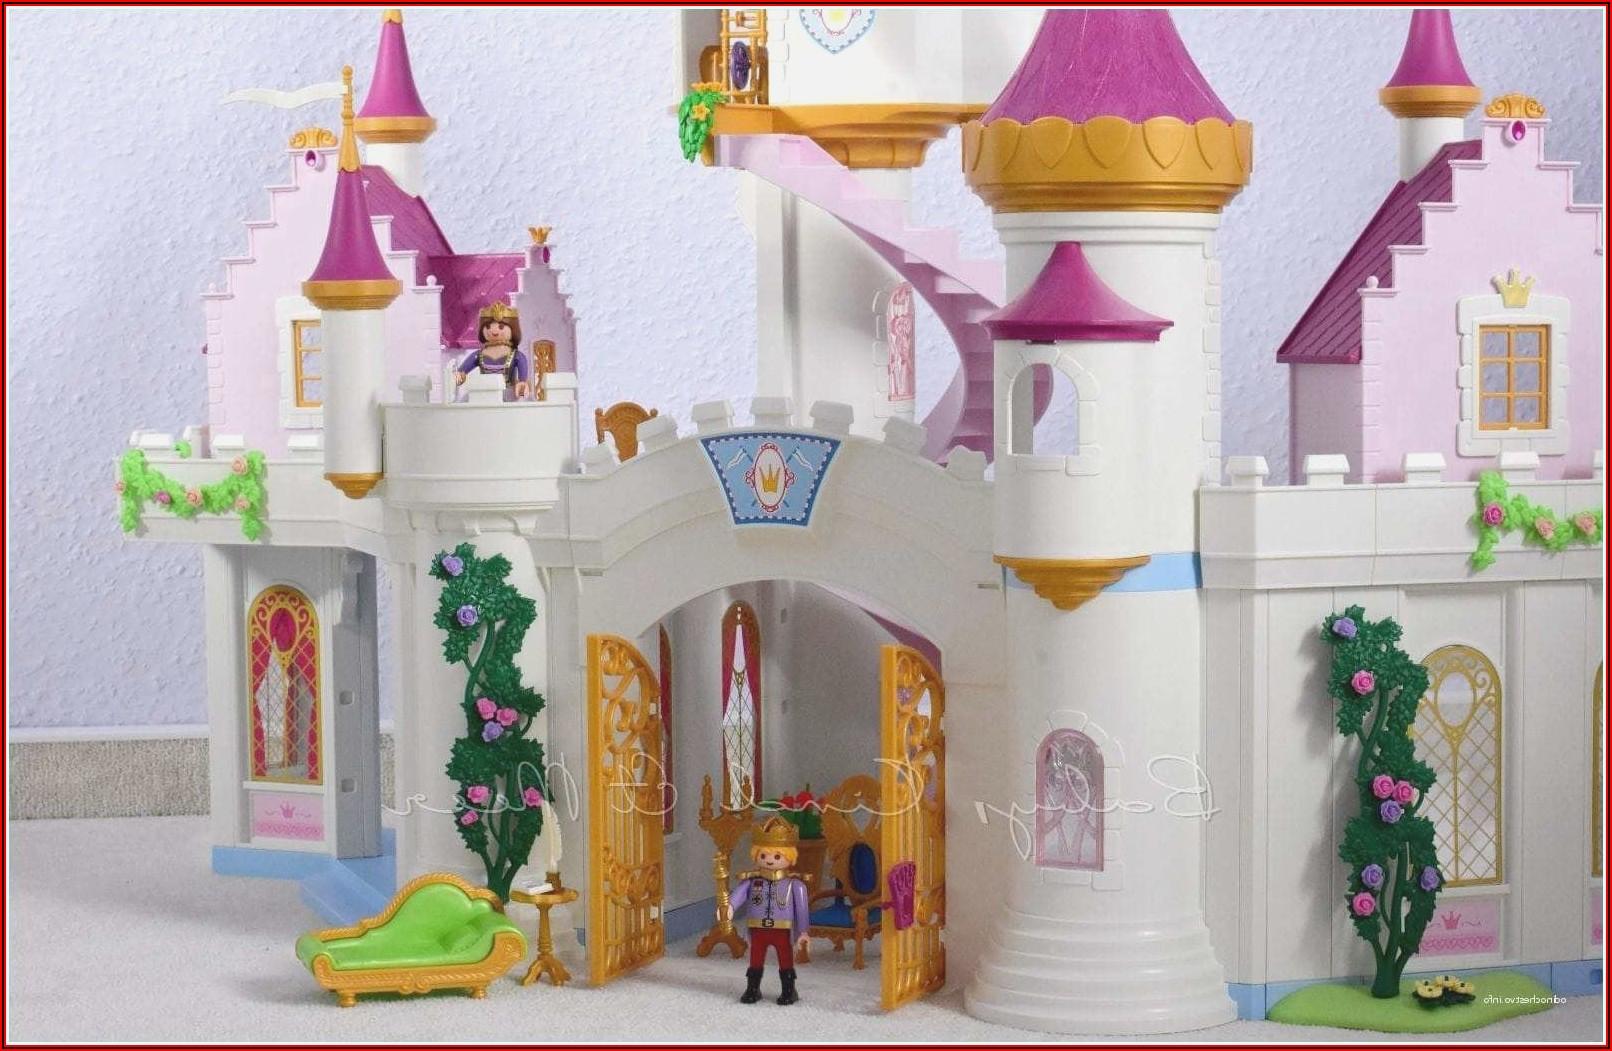 Kinderzimmer Gestalten Playmobil